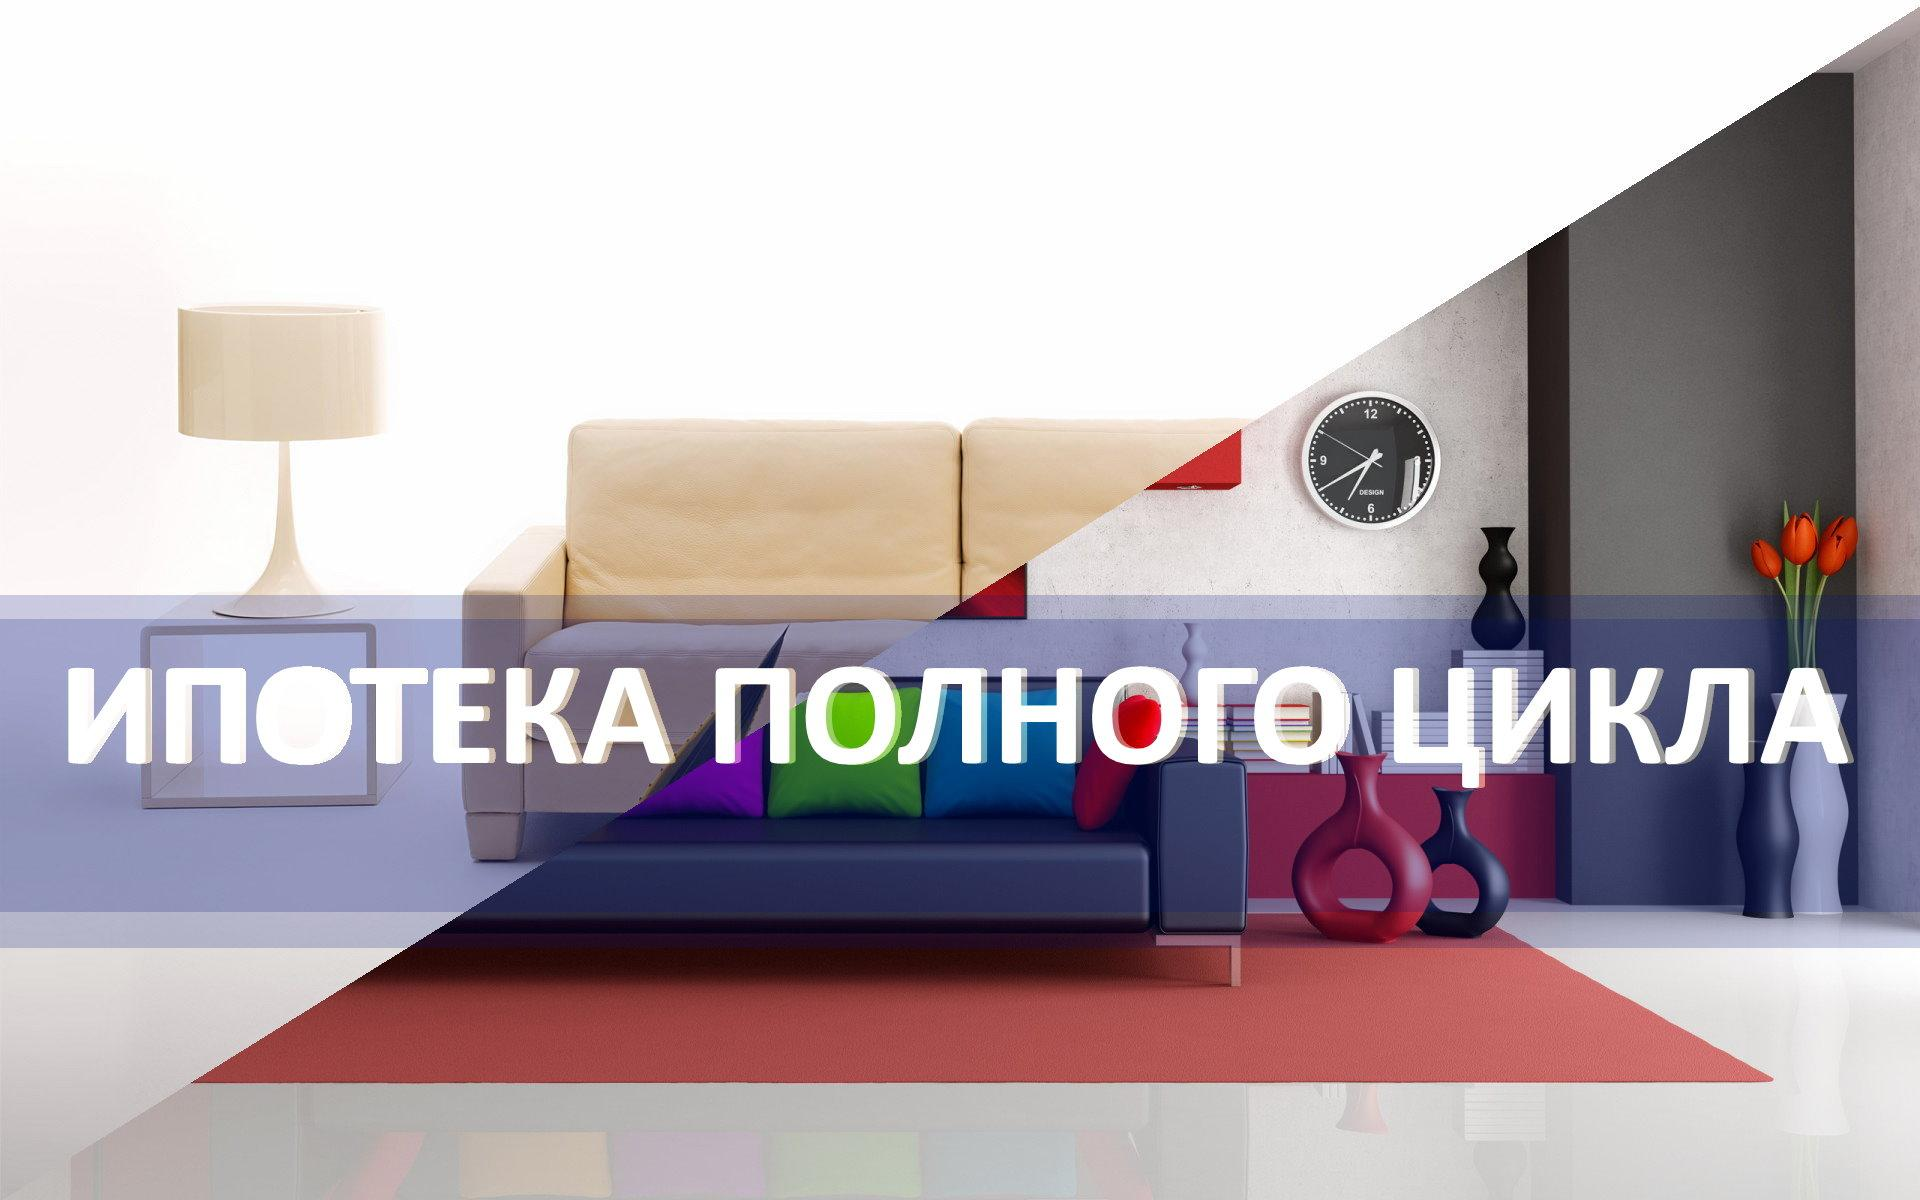 Квартиры без первоначального взноса в Москве